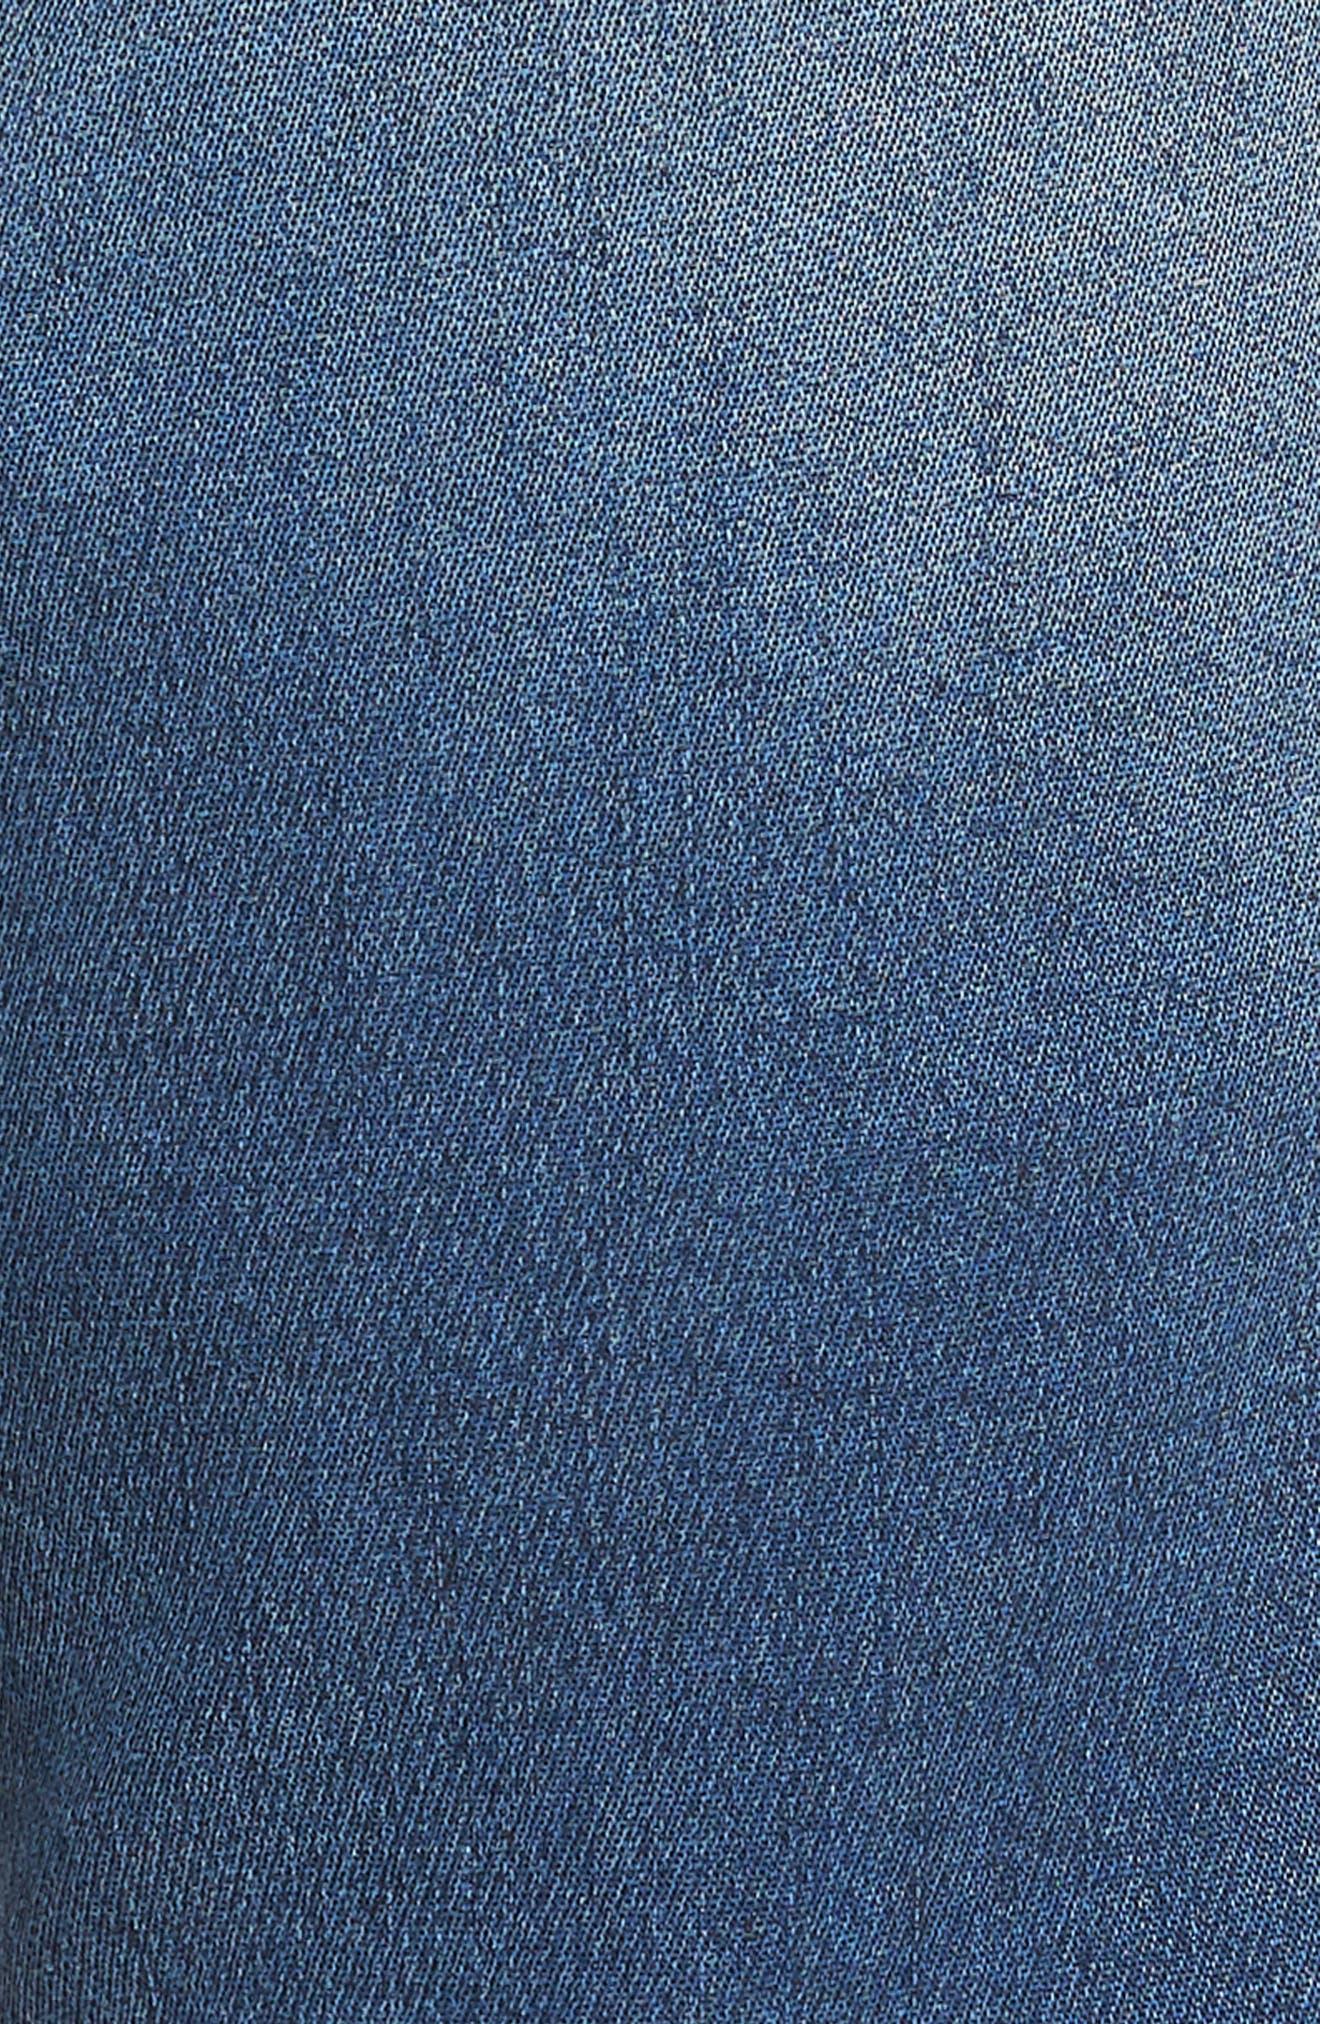 Bakari Skinny Fit Jeans,                             Alternate thumbnail 5, color,                             0688Y